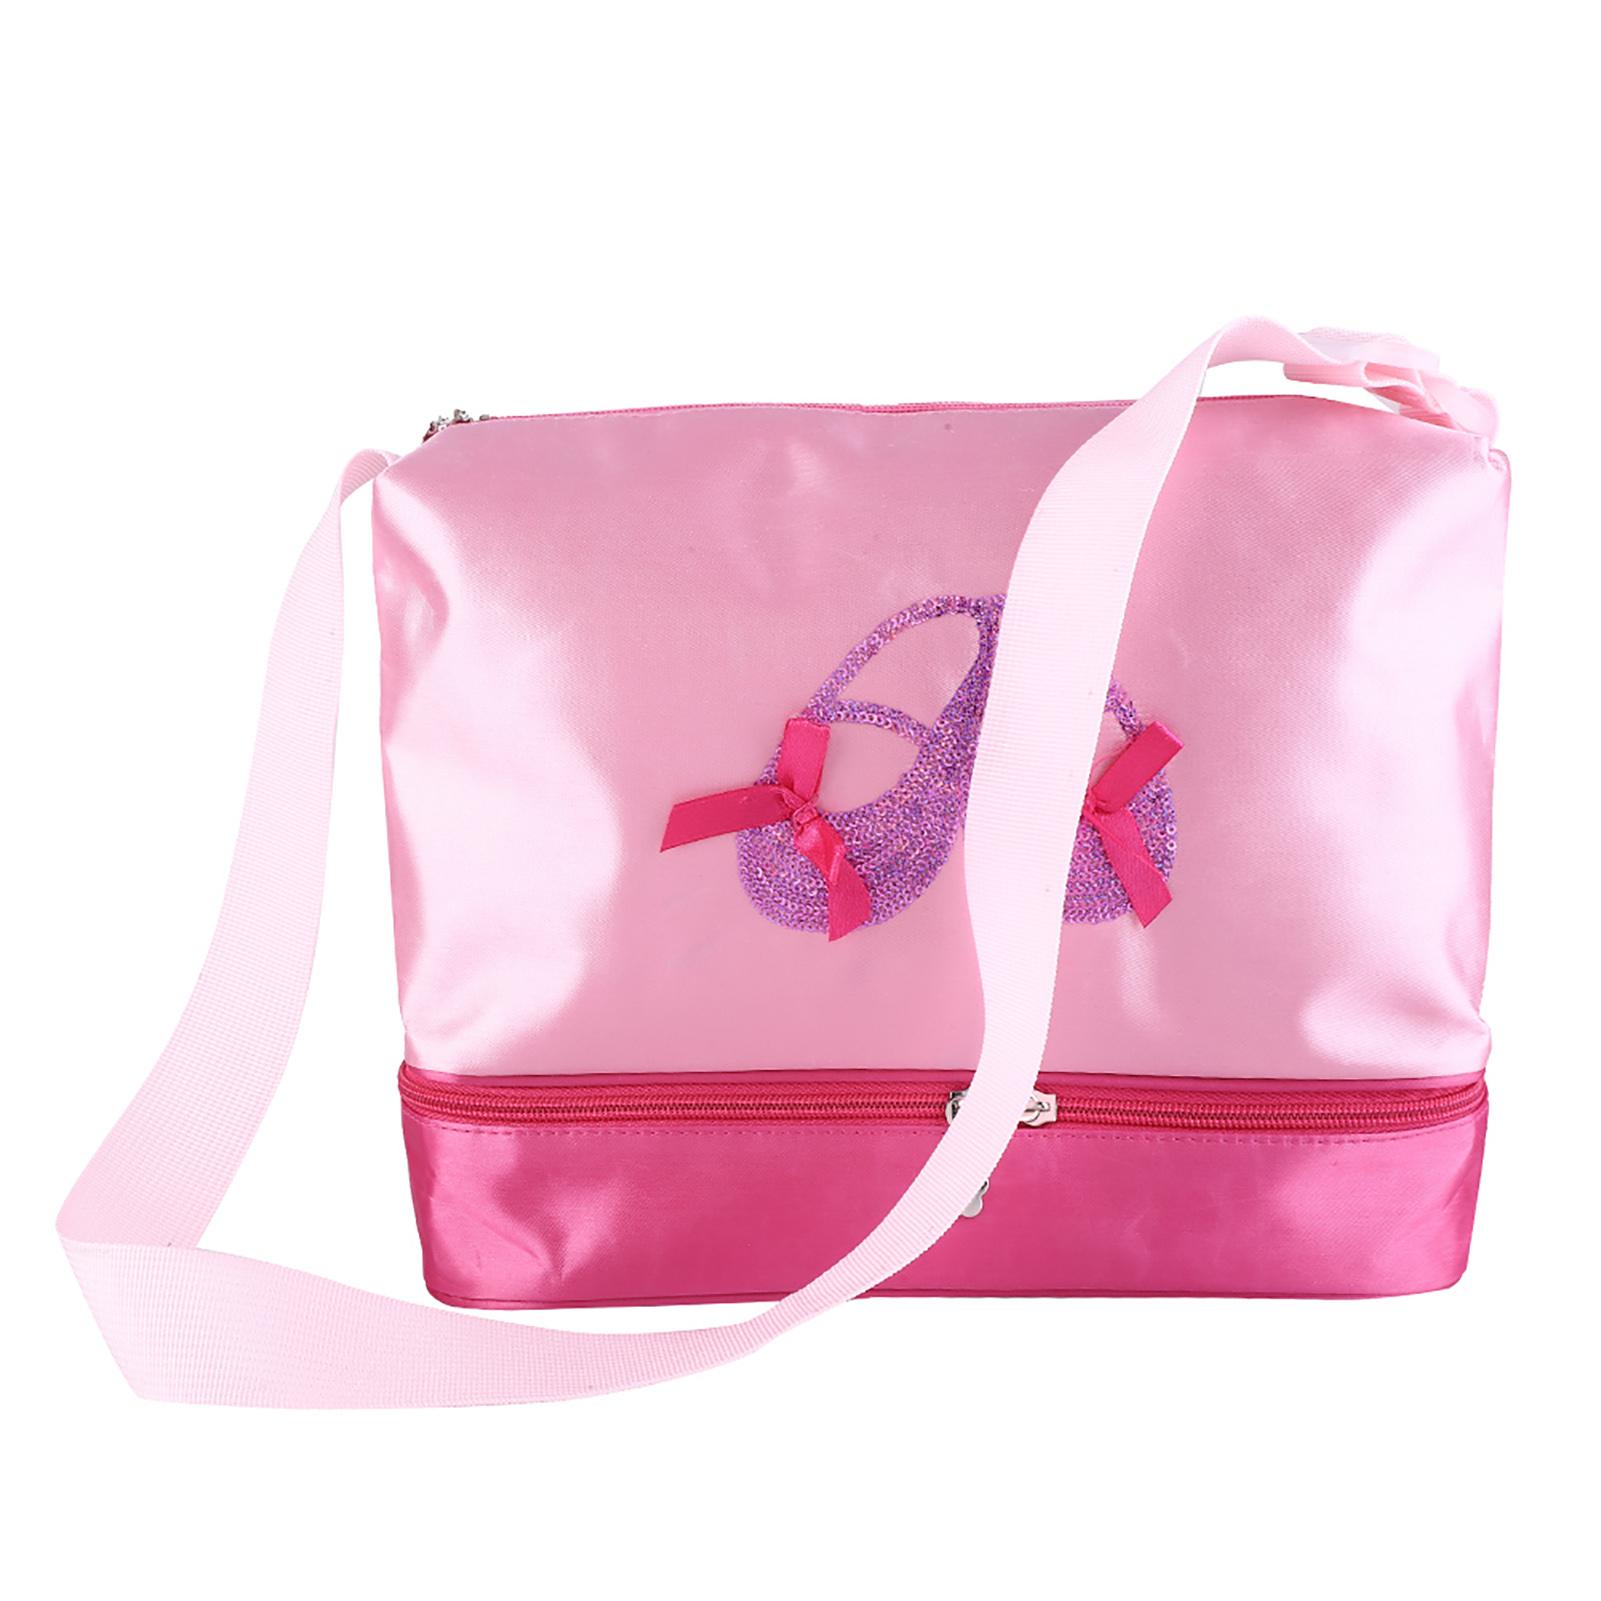 Kids-Girls-Embroidered-Sequined-Handbag-Shoulder-Bag-Tote-For-Sport-Dance-Ballet miniature 21